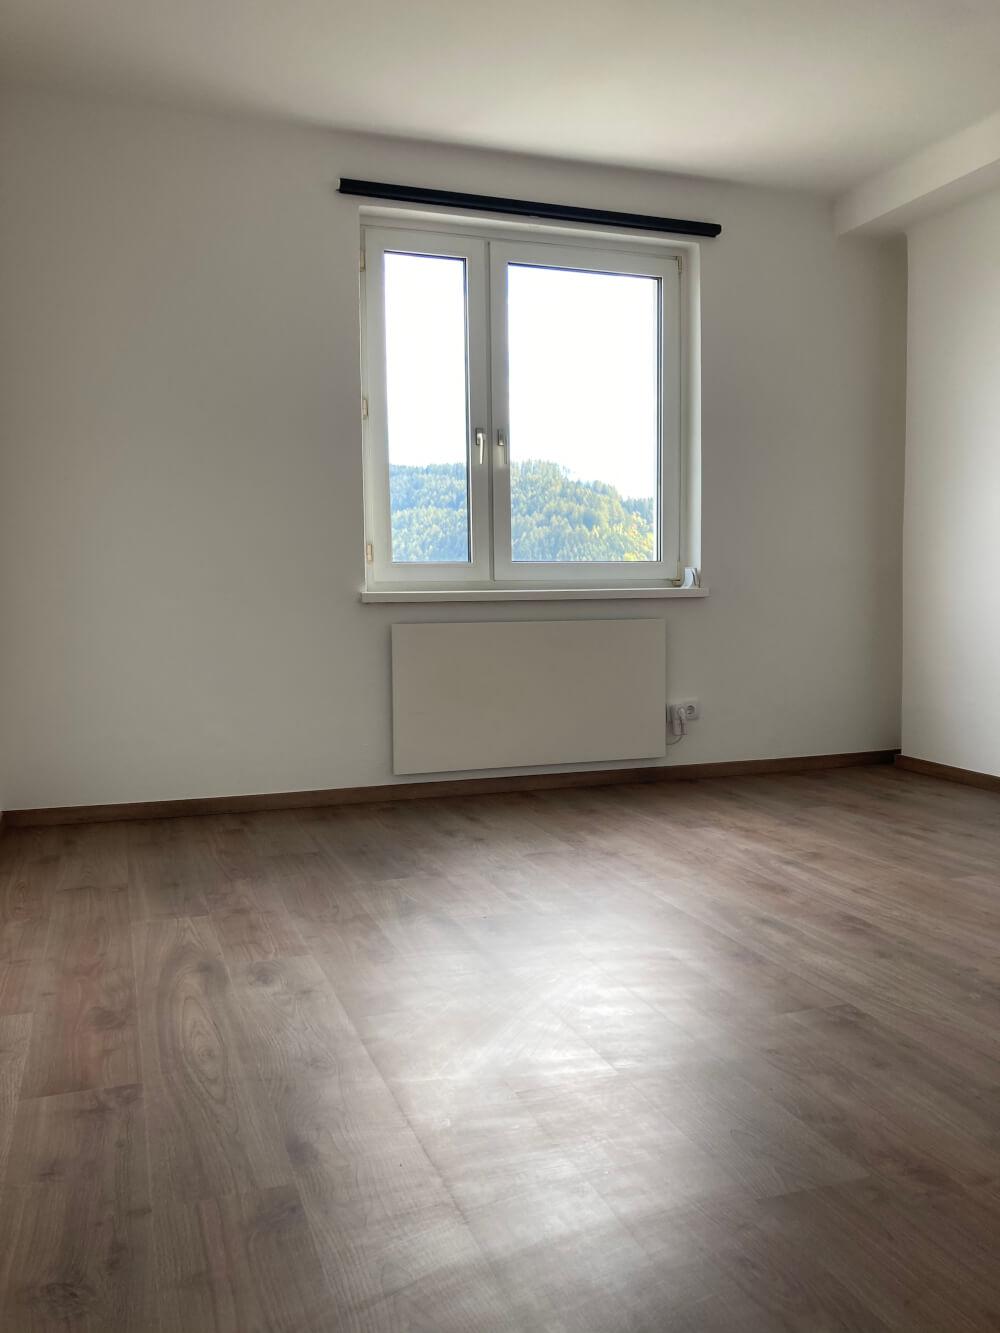 Immobilie von BWSG in Teuffenbachstraße 28/023, 8750 Judenburg #4